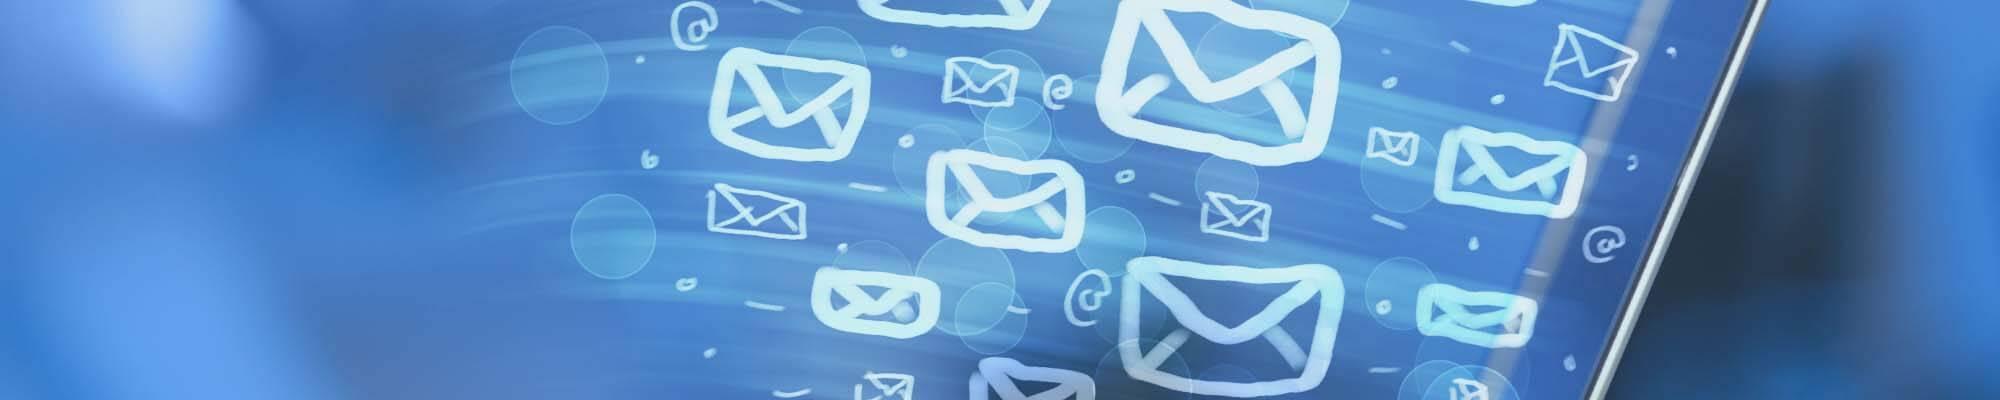 email_inner